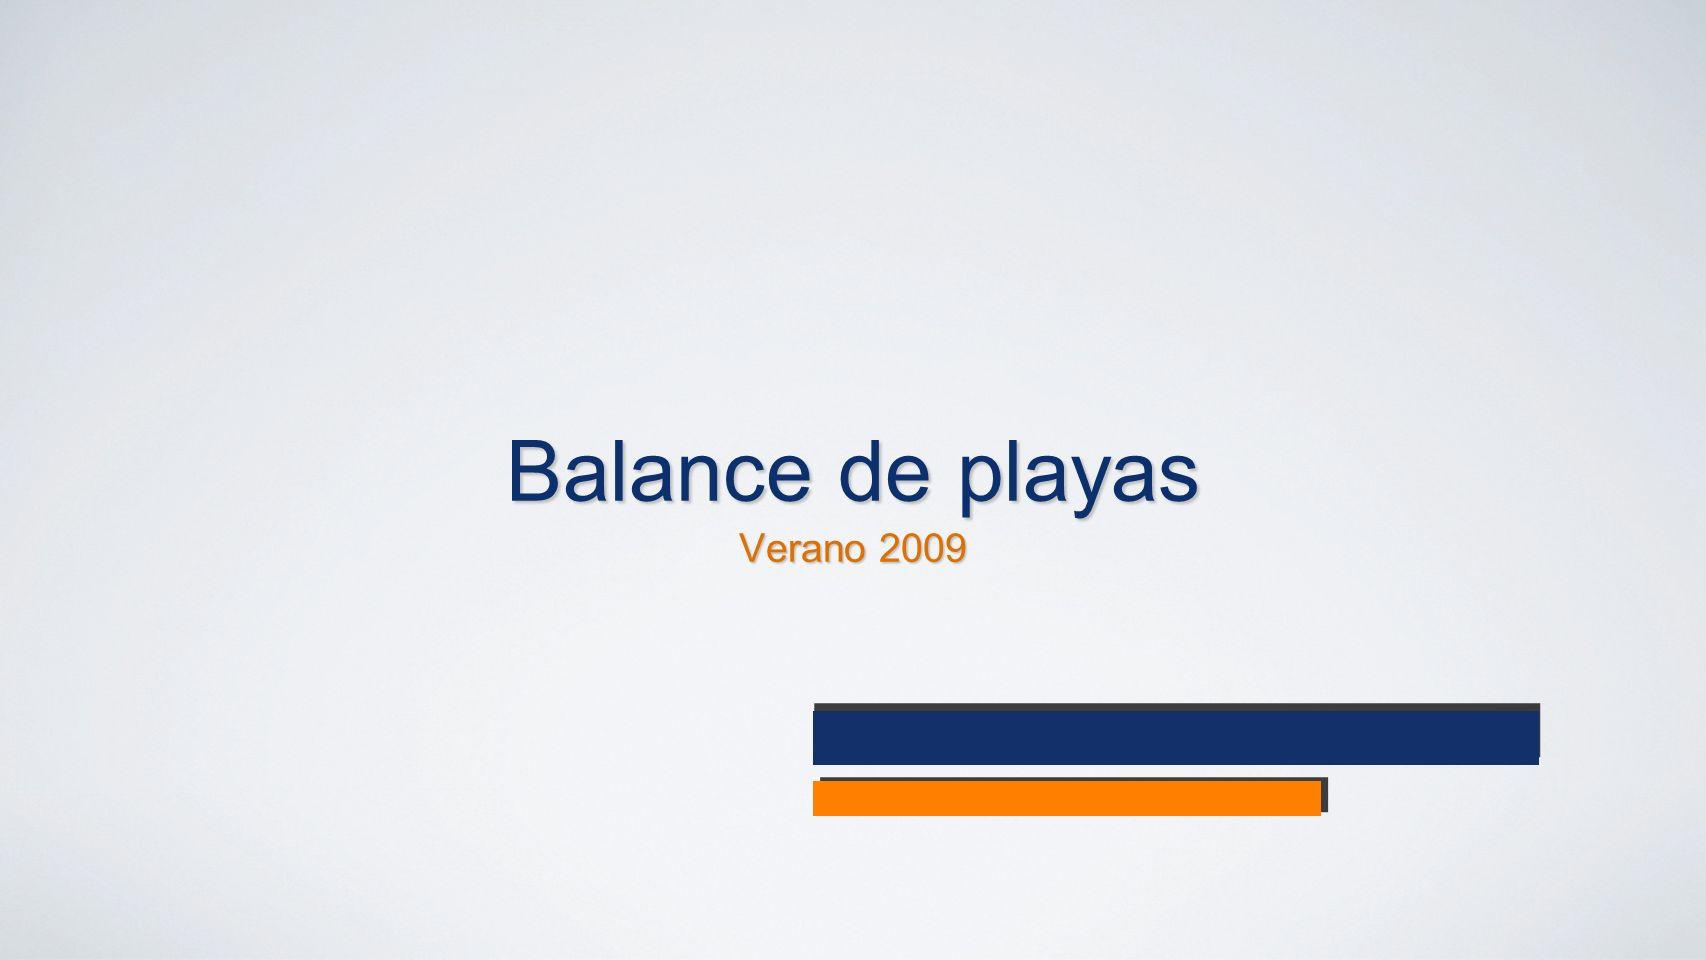 Balance de playas Verano 2009